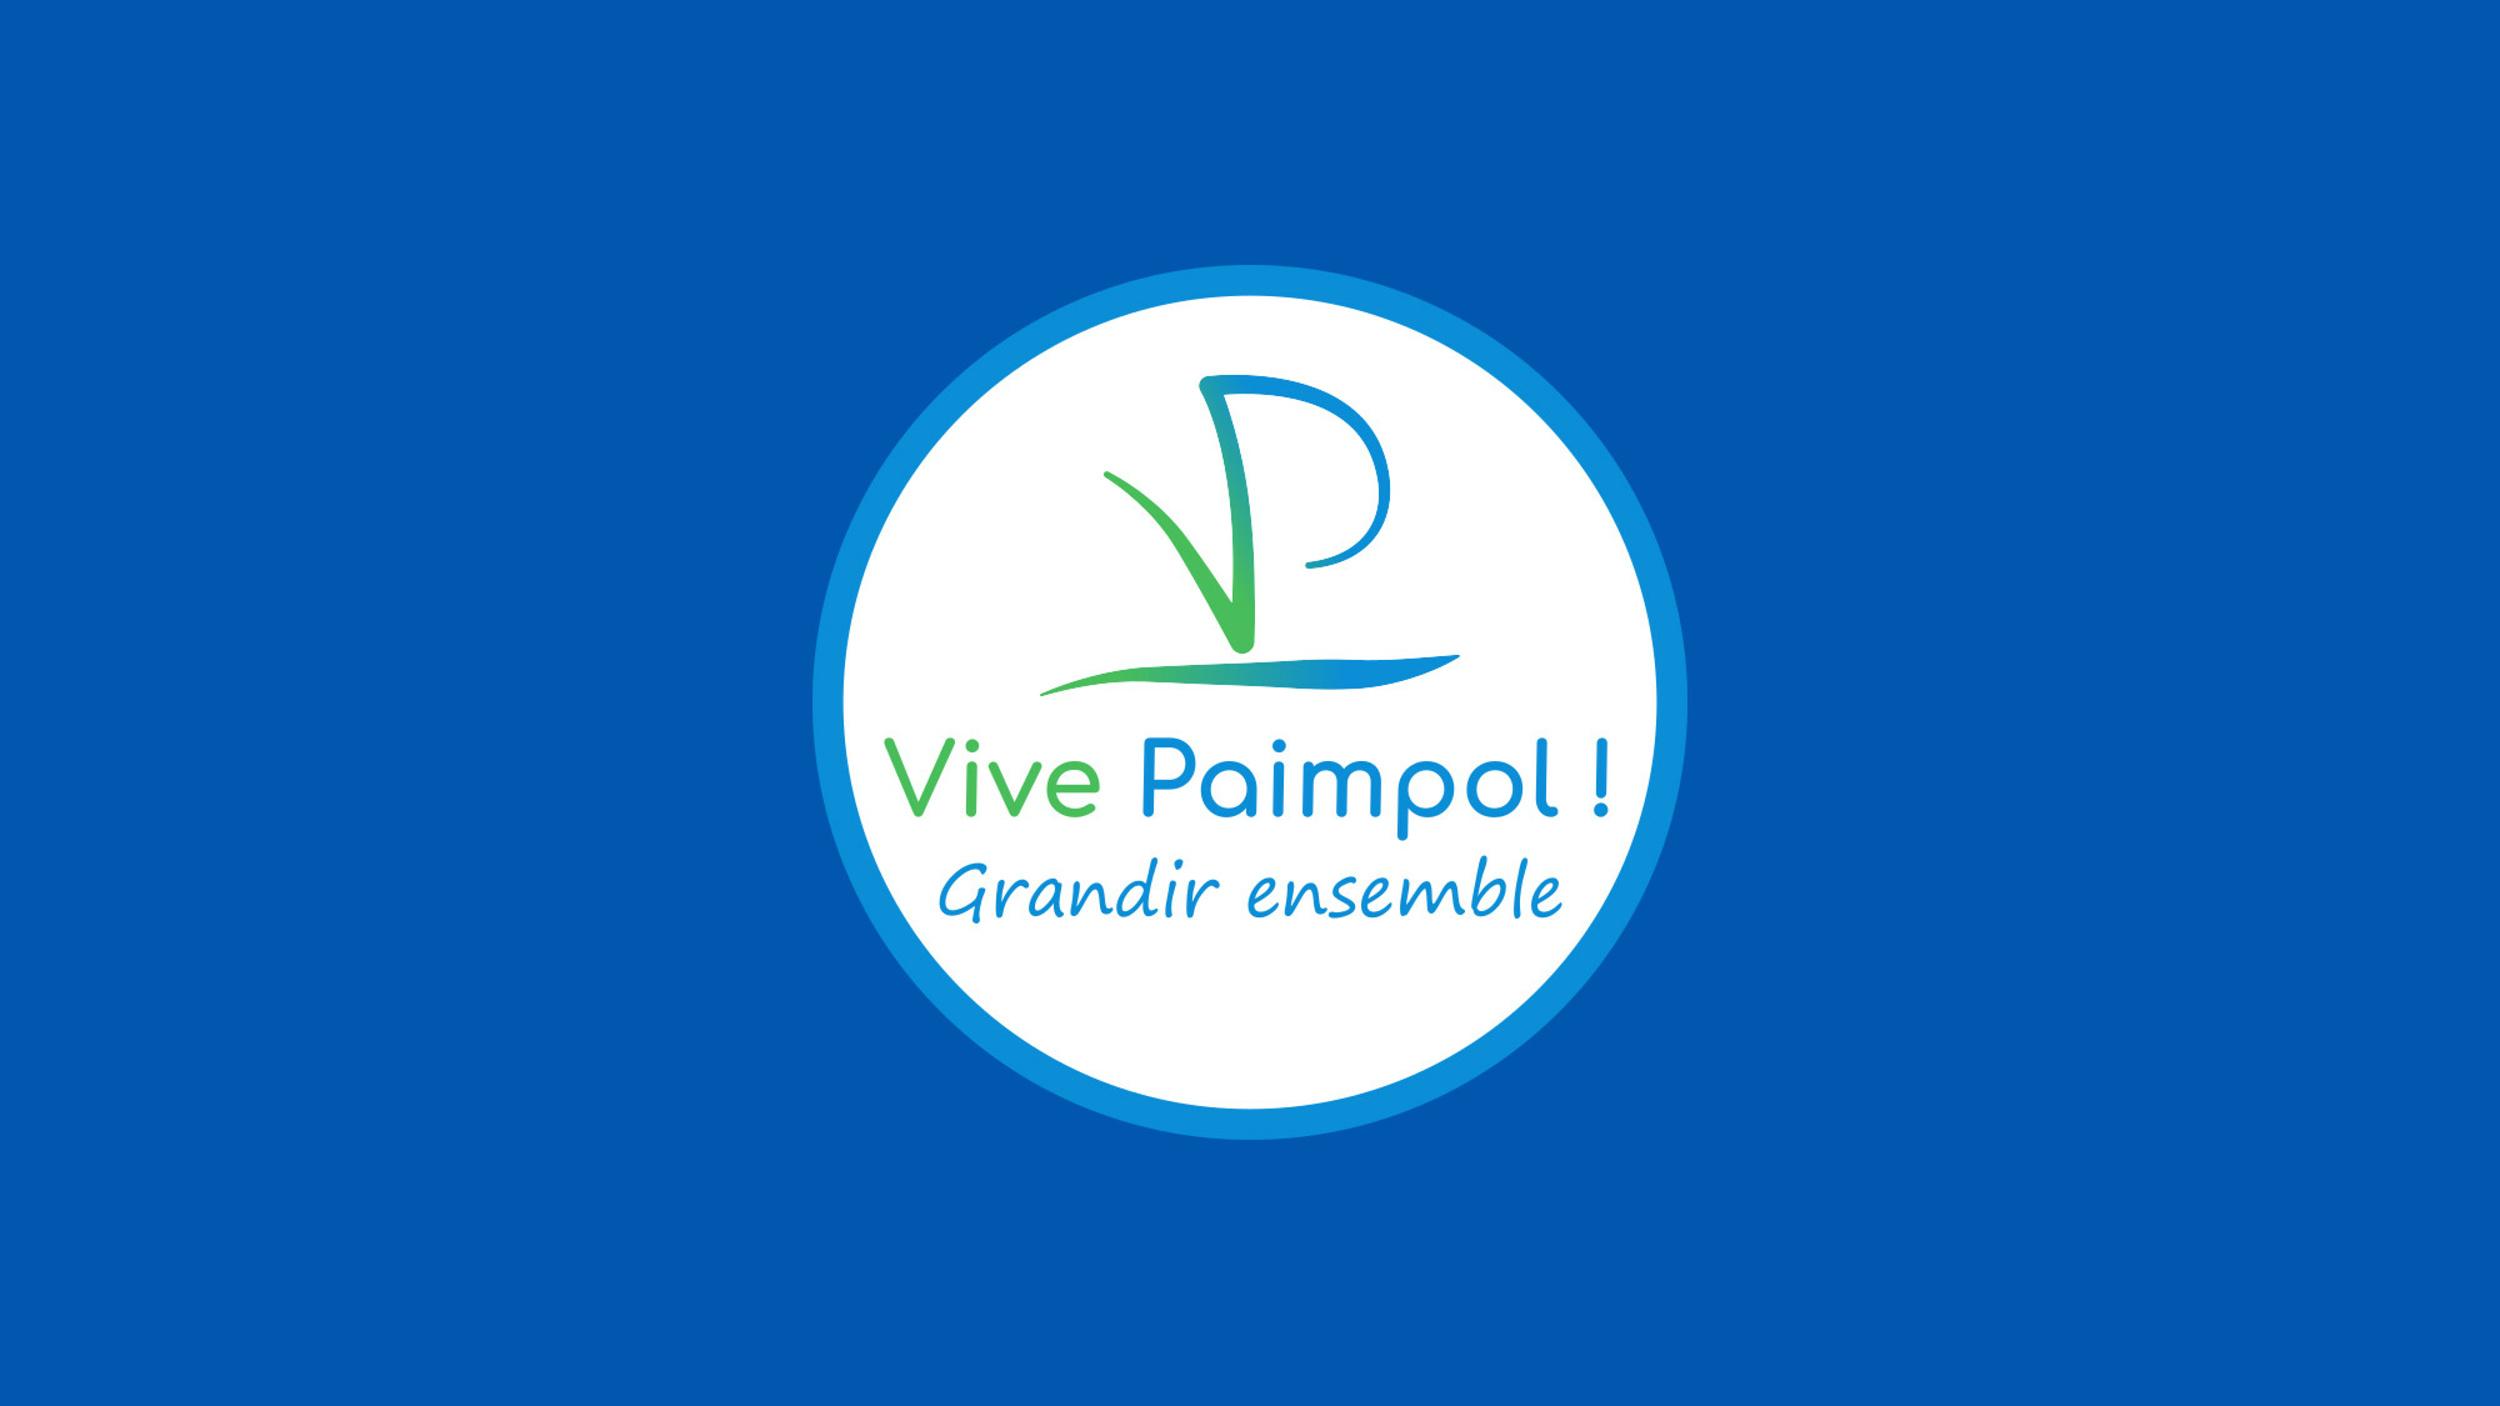 Projets et engagements d'une équipe solide, votez Vive Paimpol !